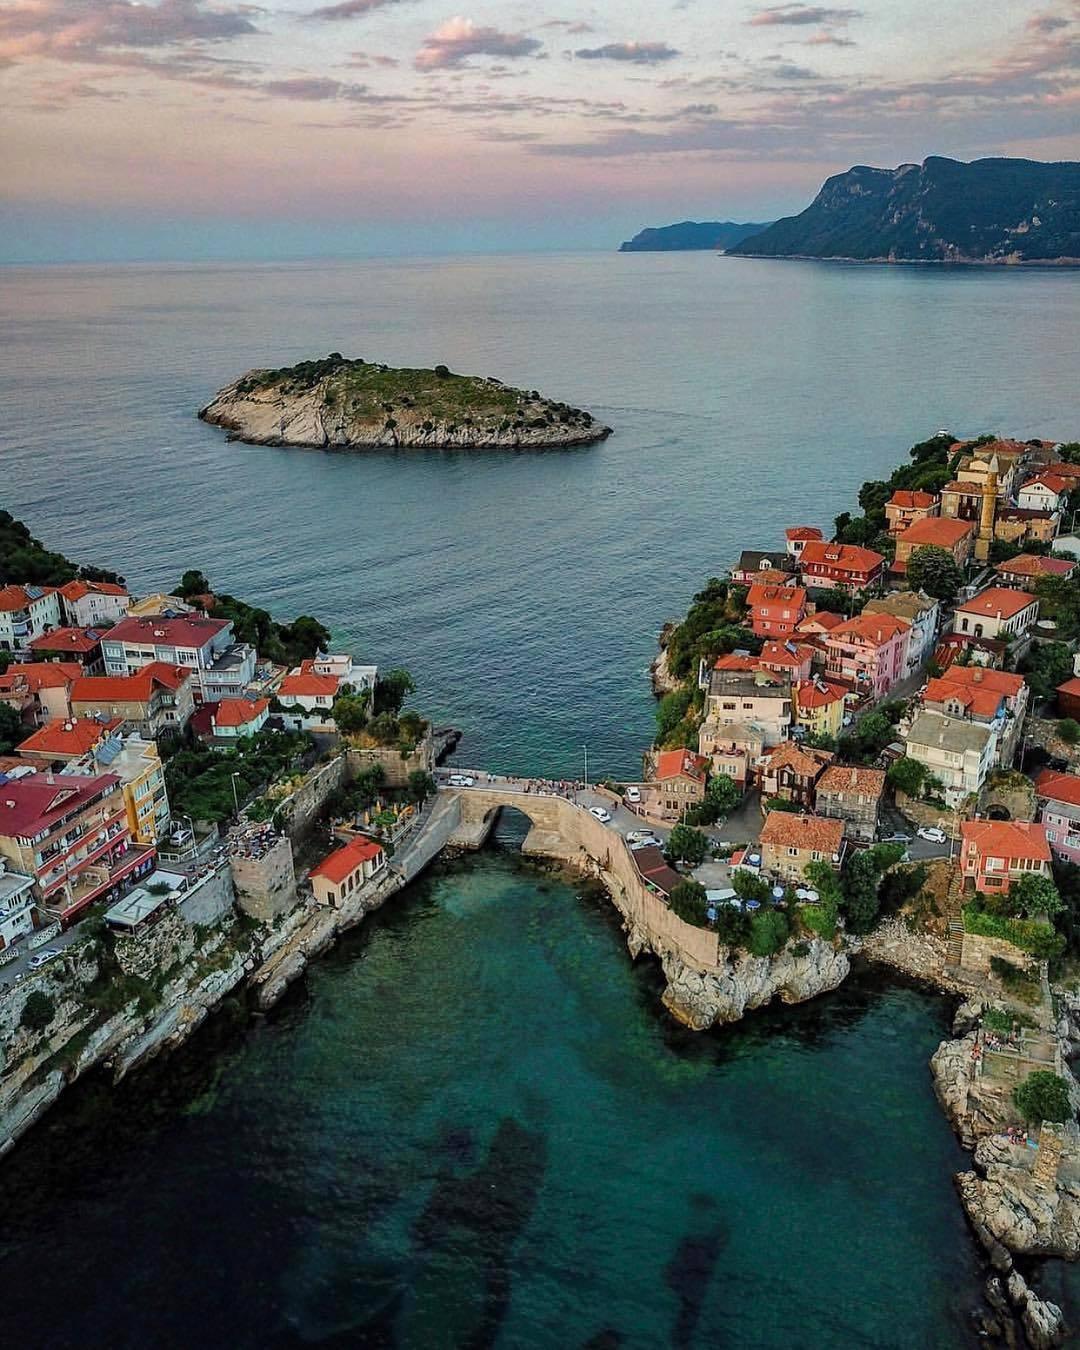 اماسرا تركيا - اجمل مناطق تركيا